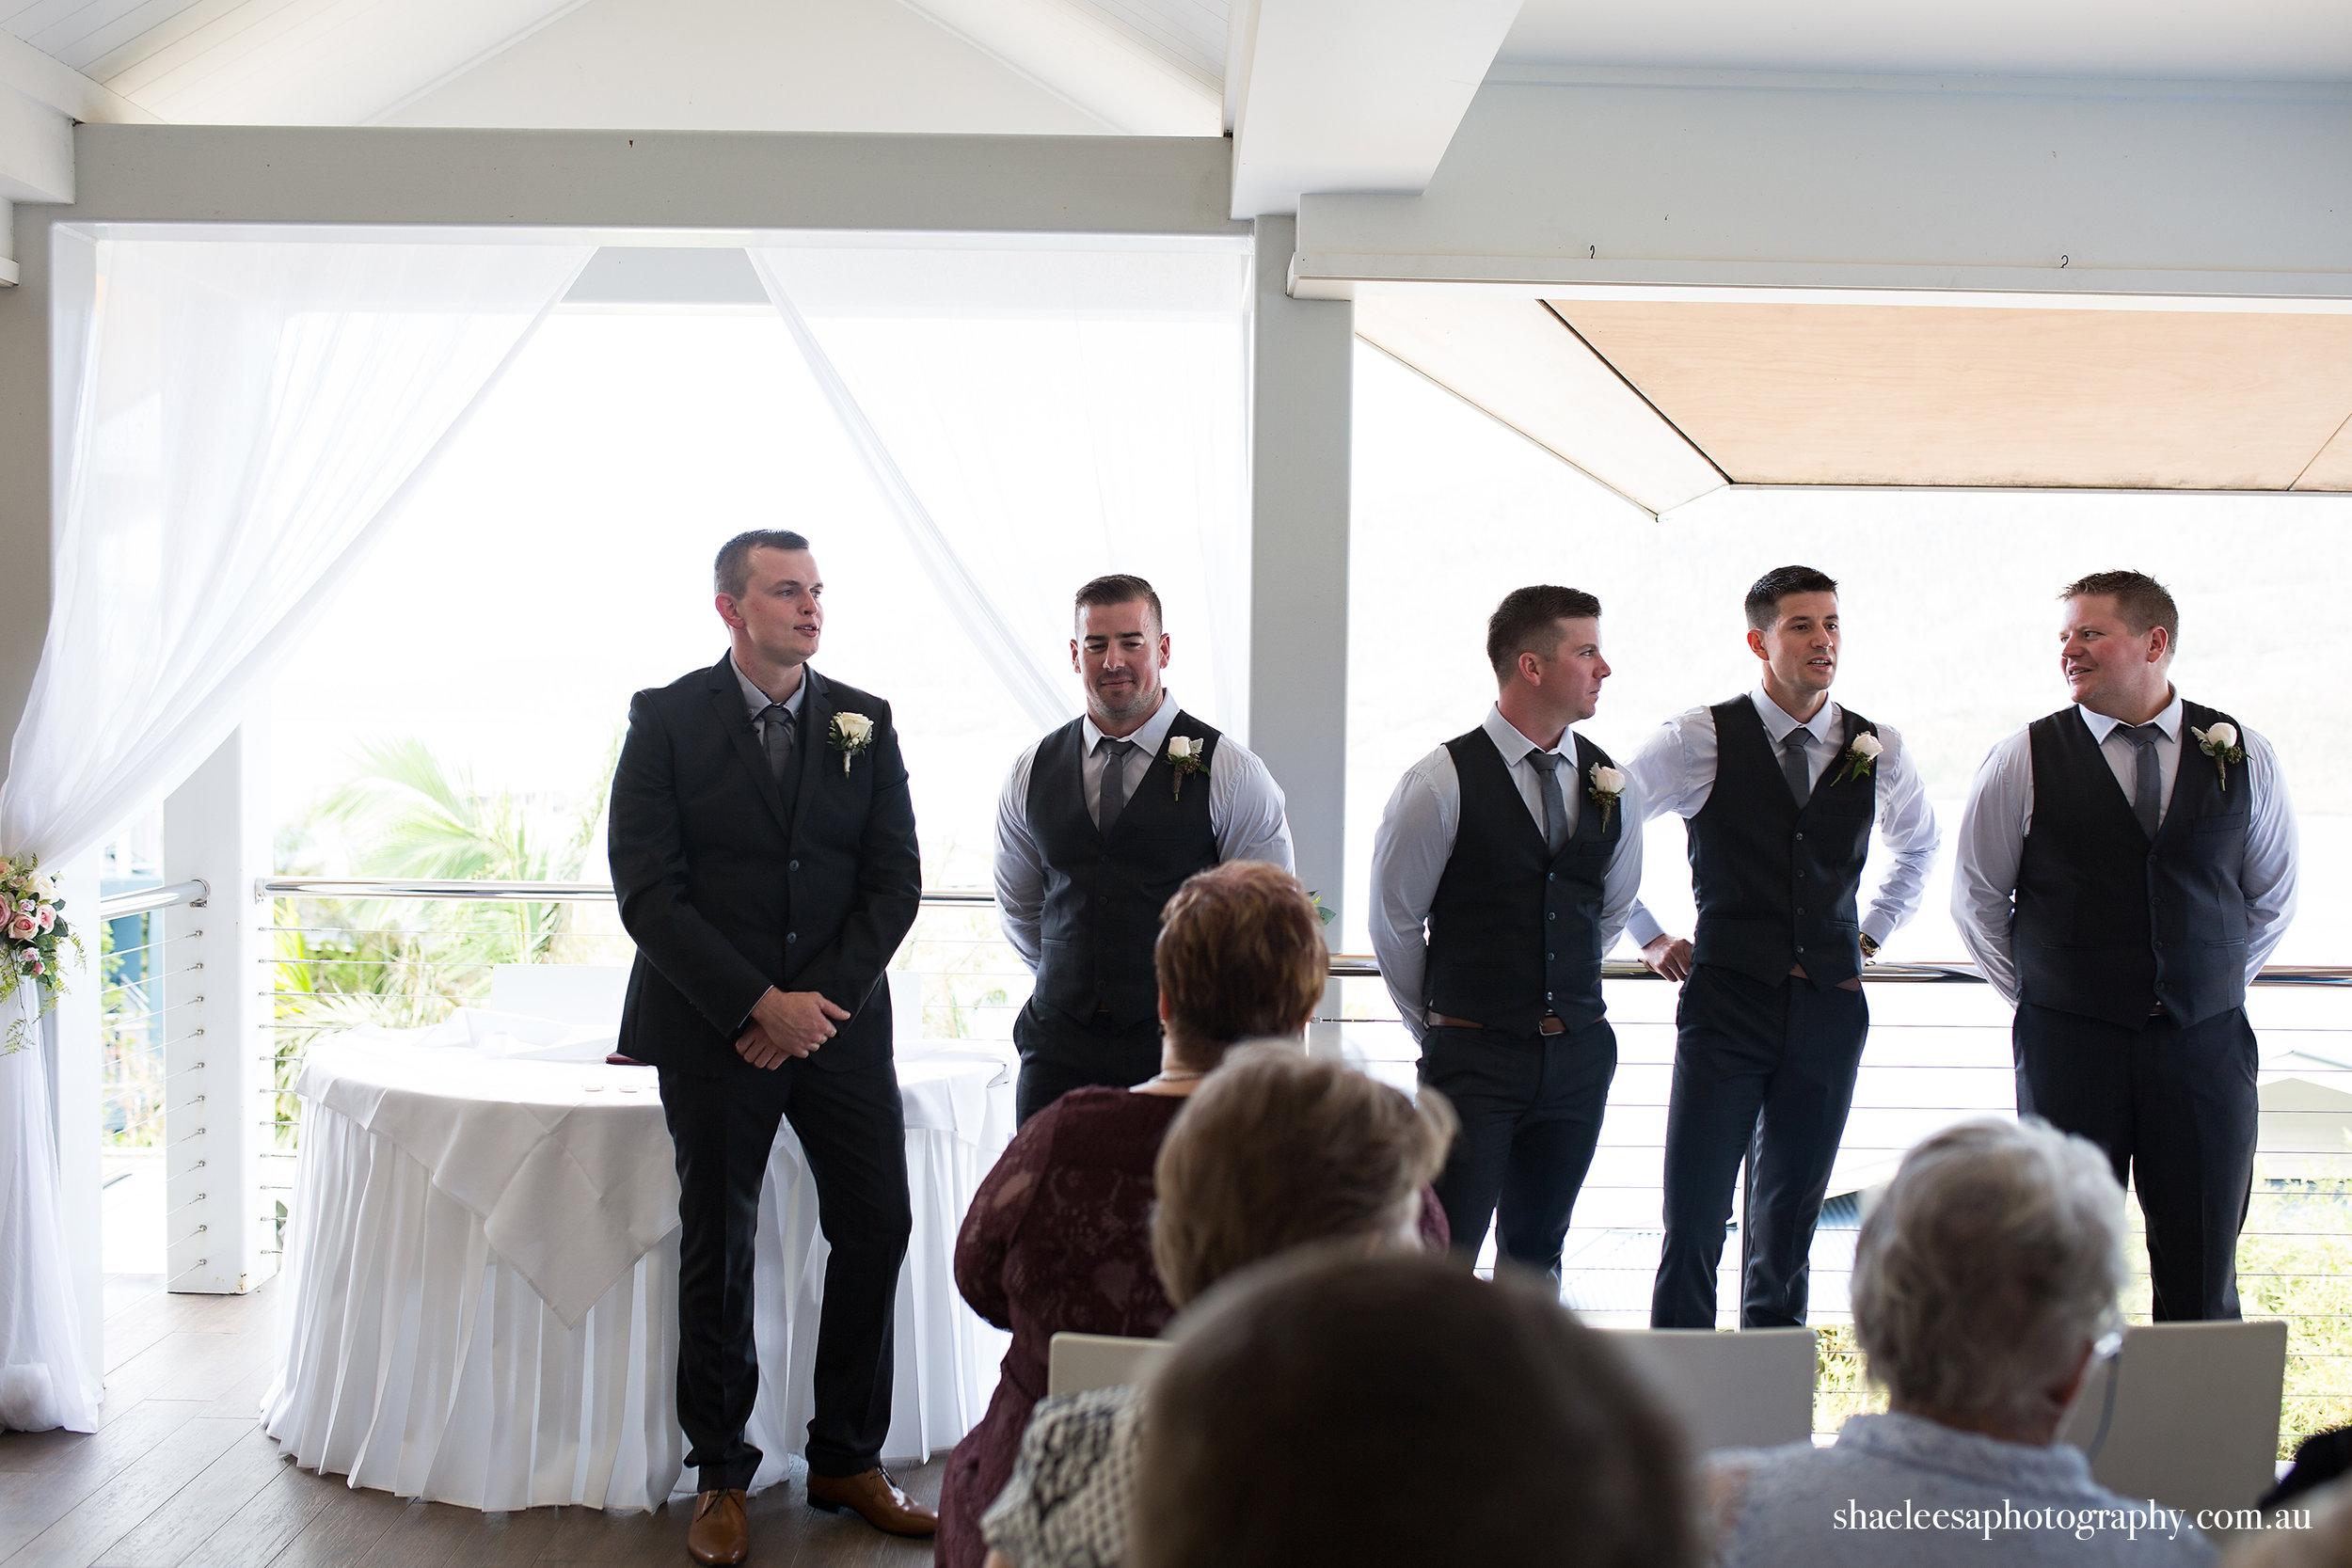 WeddingsByShae_043_McDermid2017.jpg